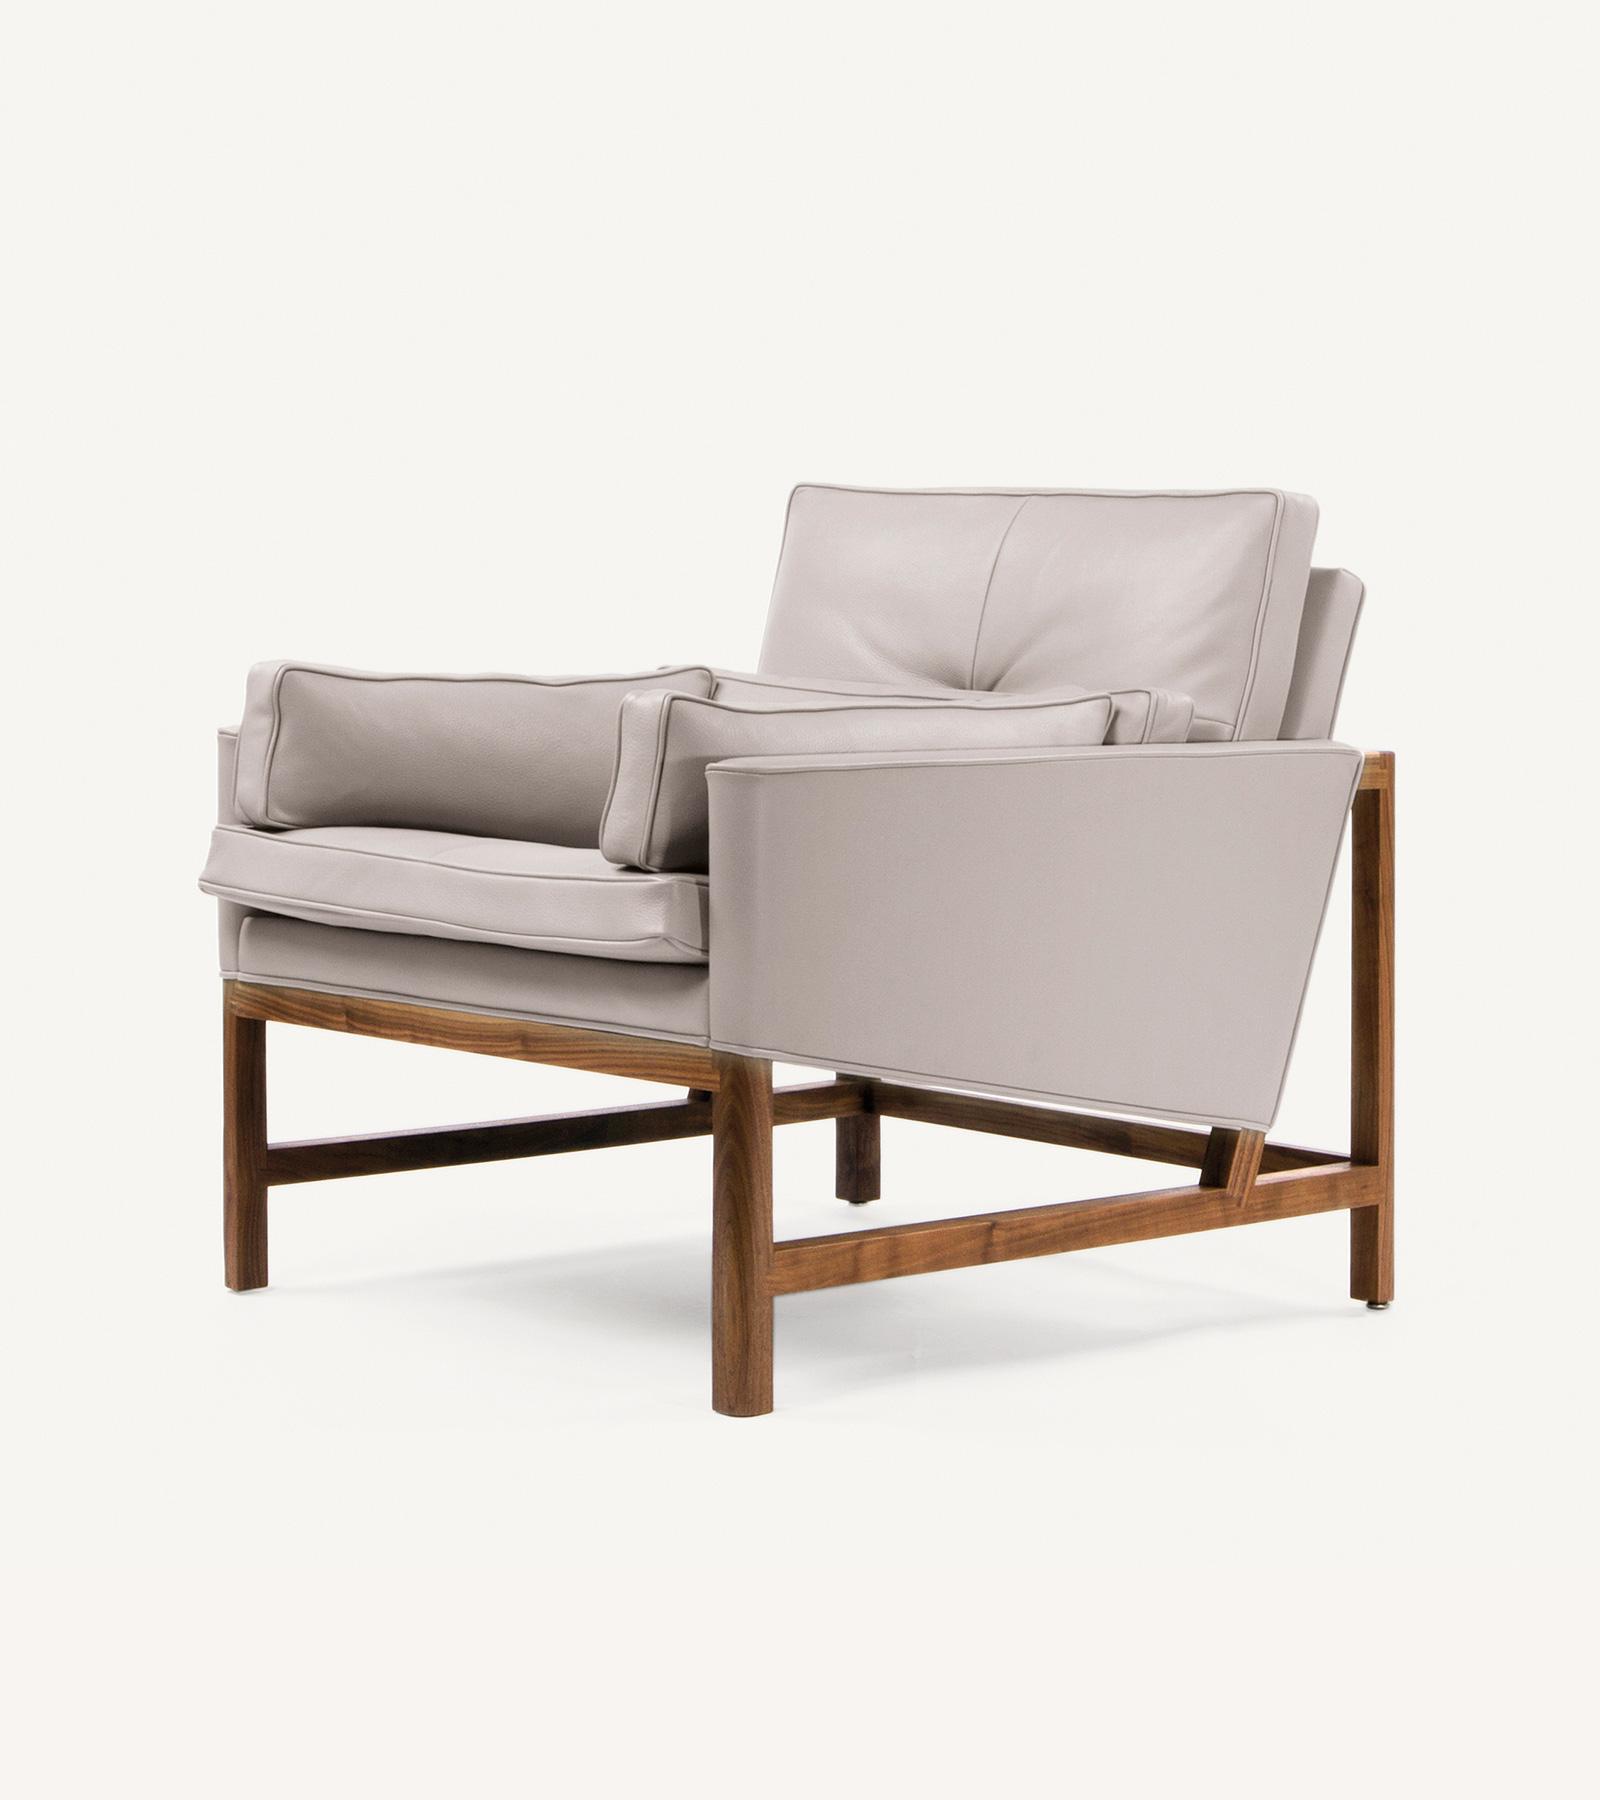 TinnappleMetz-bassamfellows-Wood-Frame-Lounge-Chair-05